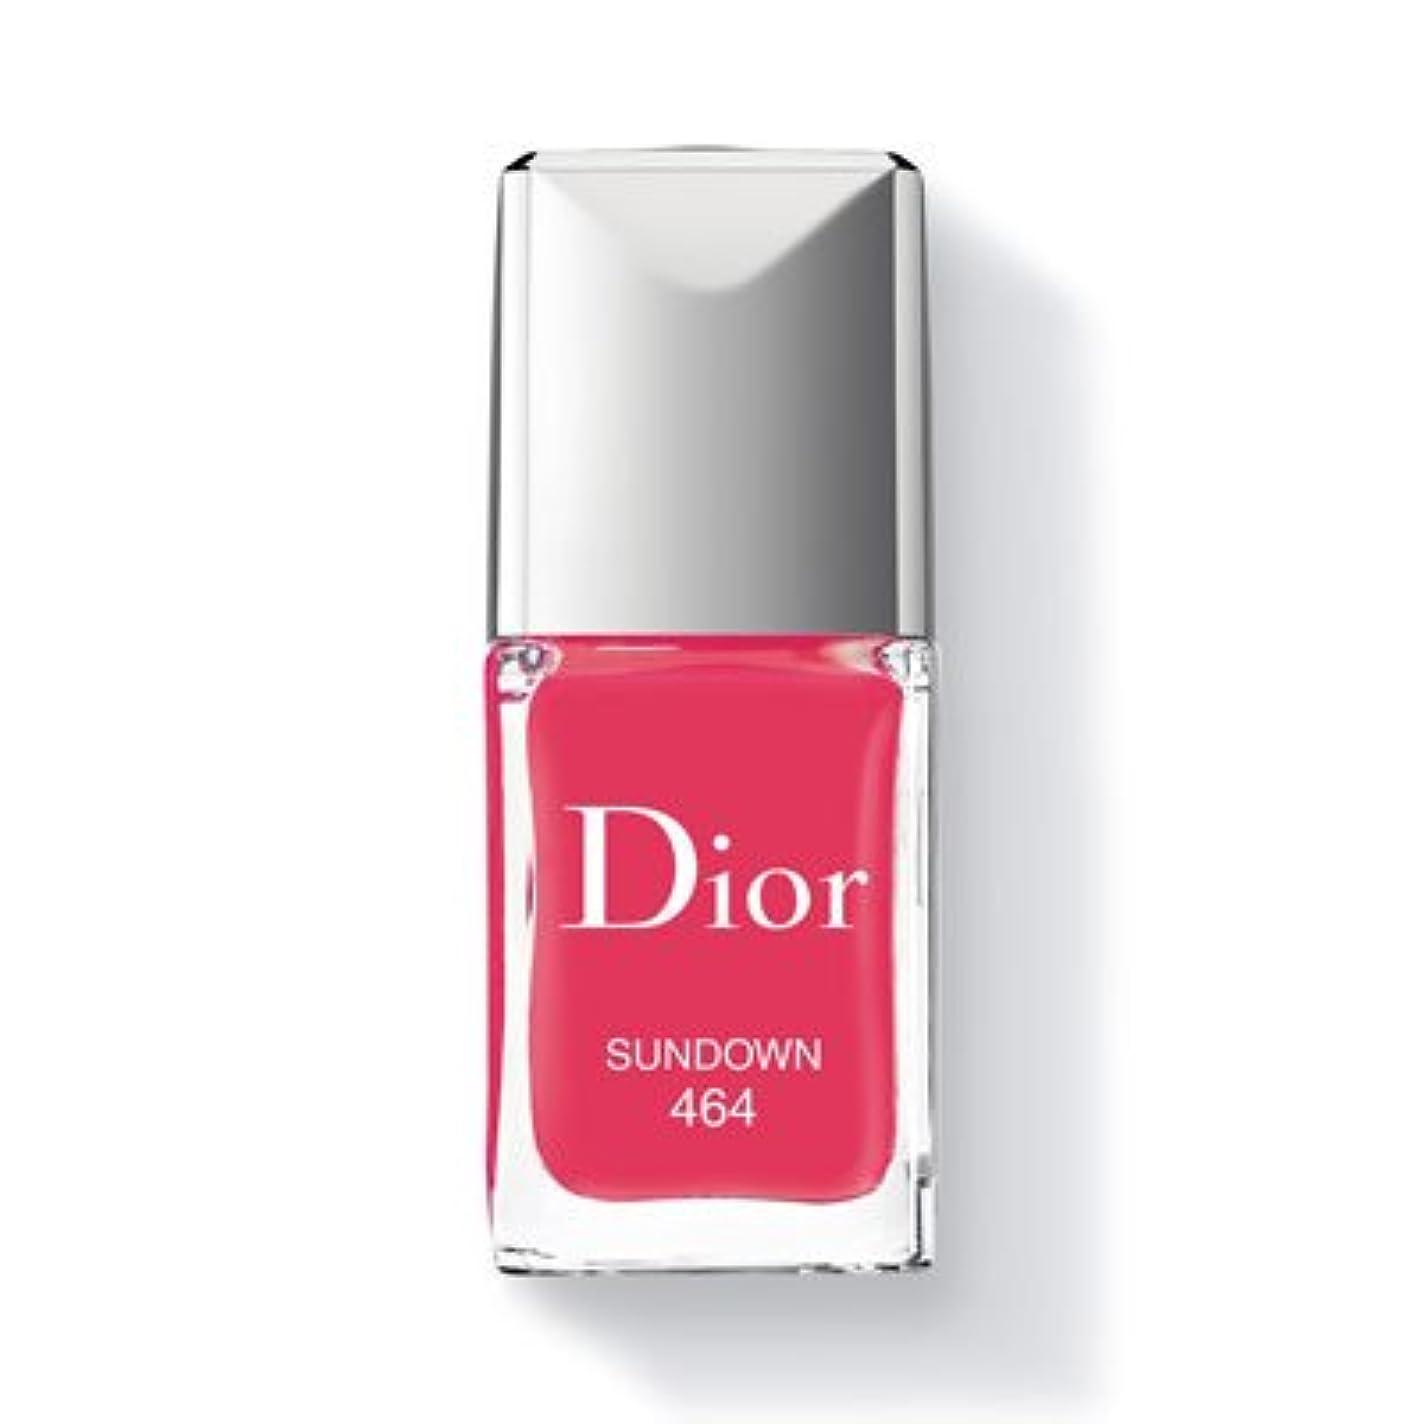 経験者隠された古代Christian Dior クリスチャン ディオール ディオール ヴェルニ #464 SUNDOWN 10ml [並行輸入品]